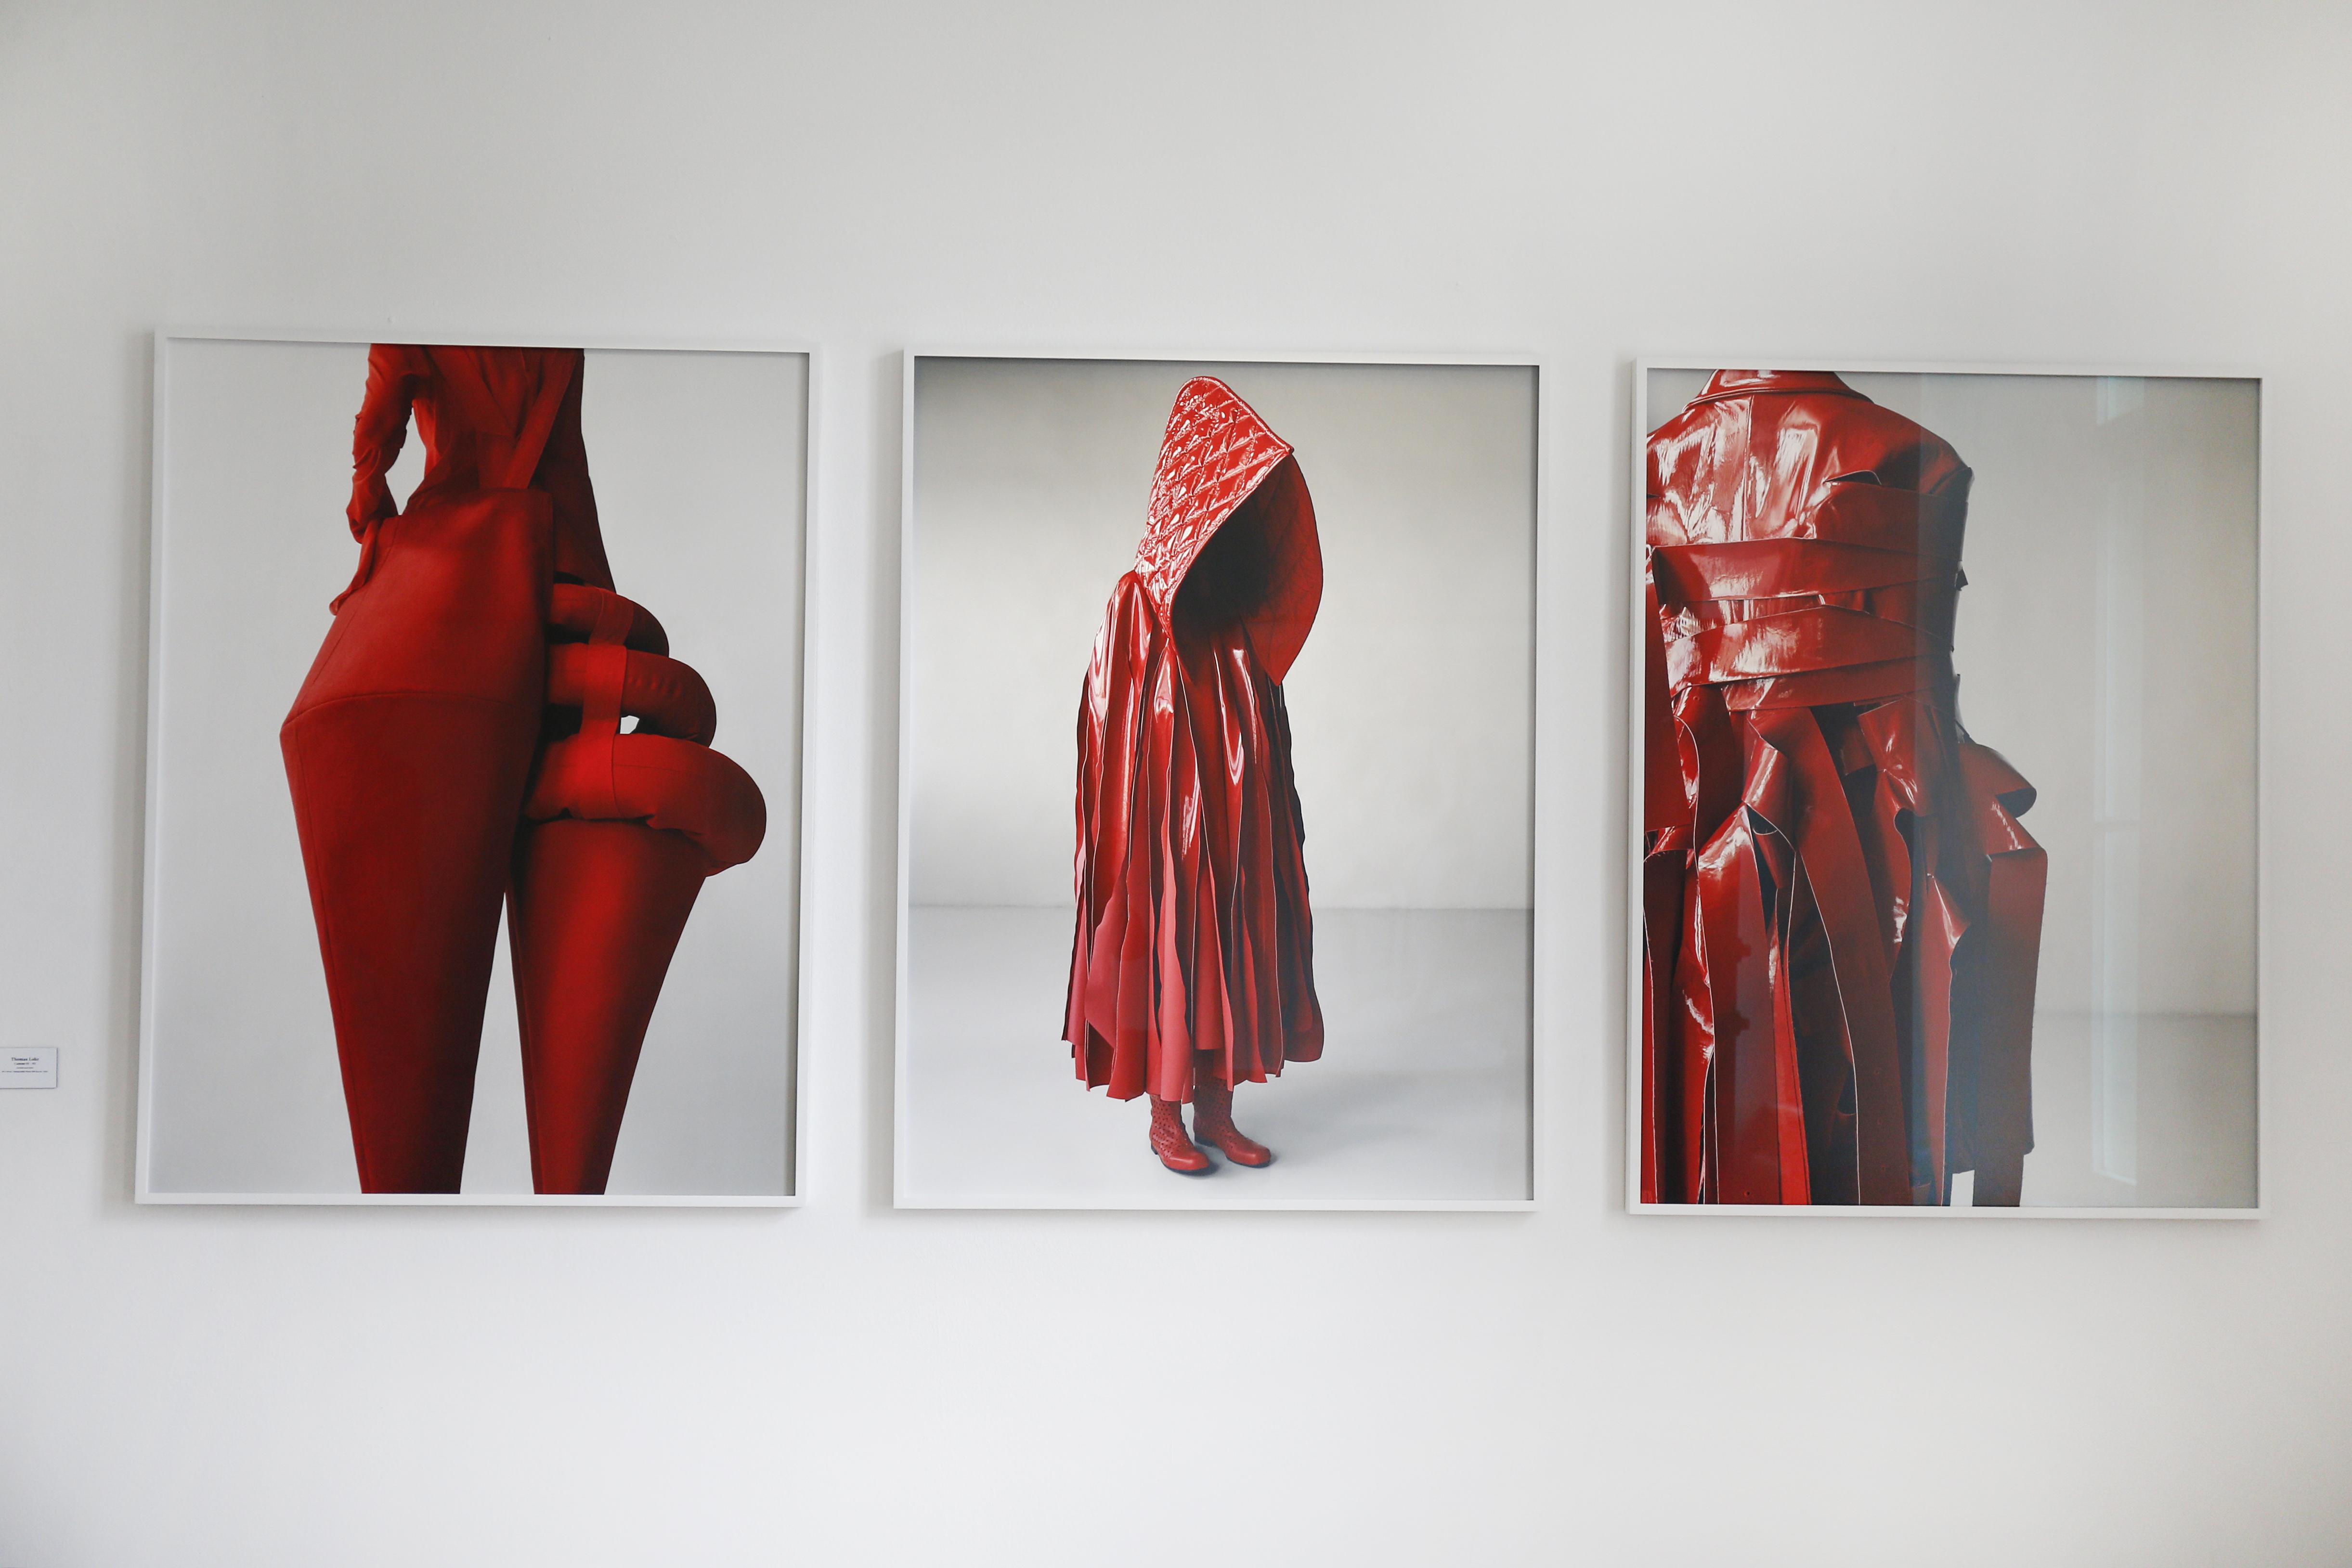 Wir sehen rot: Thomas Lohr für den Berliner Fotografie Salon. ©Isa Foltin/Getty Images for Berliner Fotografie Salon)